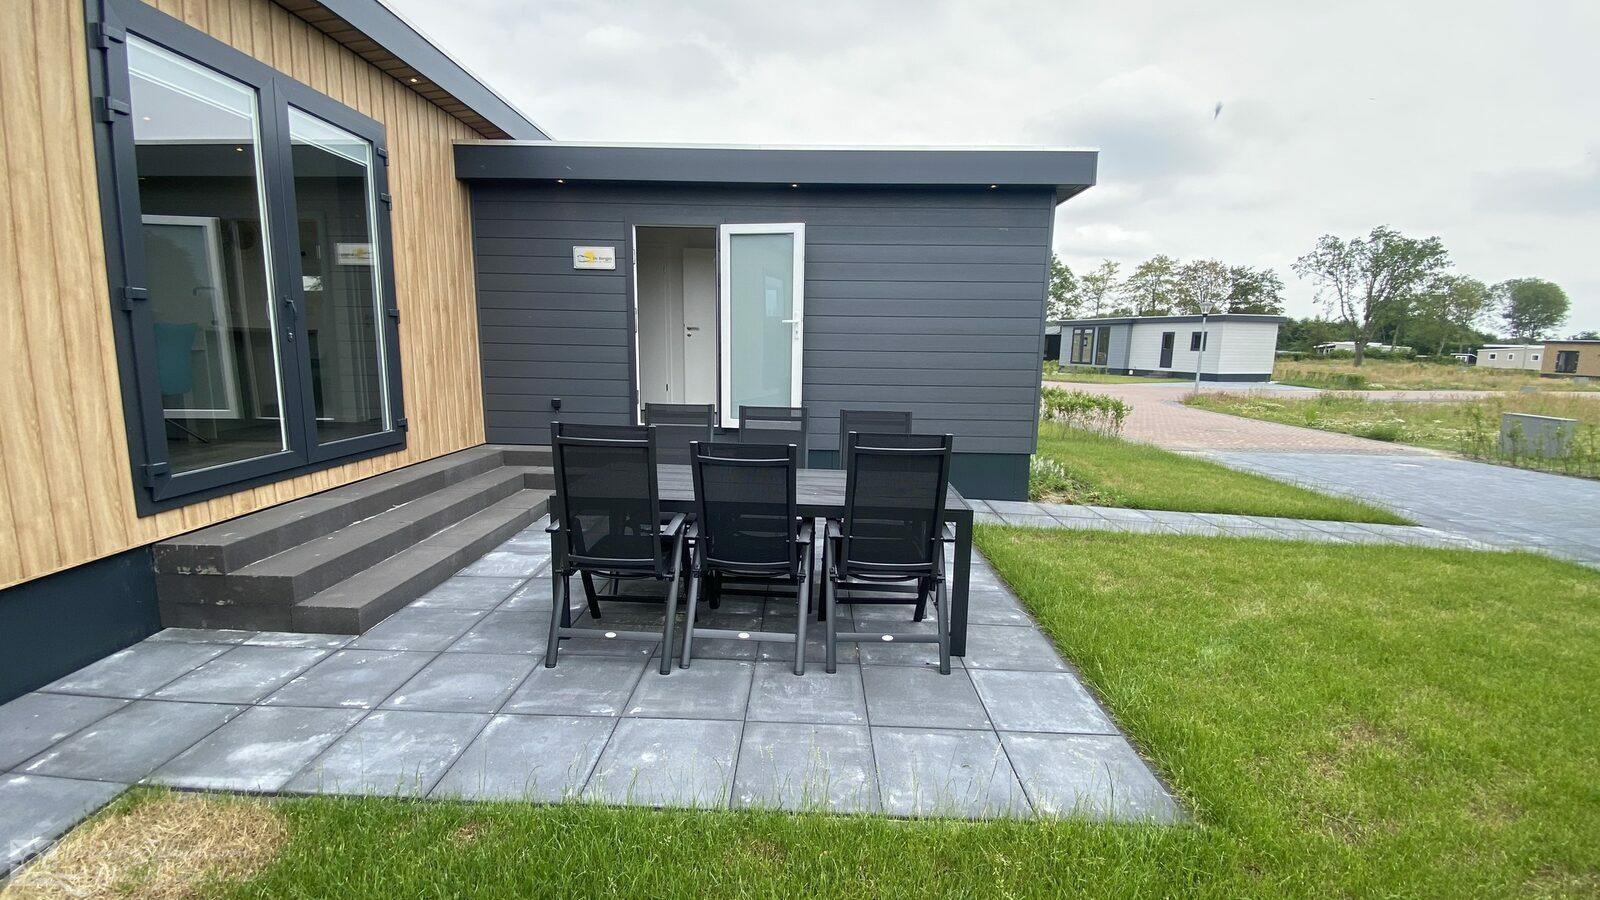 vakantiehuis Nederland, Zeeland, Scherpenisse vakantiehuis VZ1028 Luxe vakantiechalet in Scherpenisse